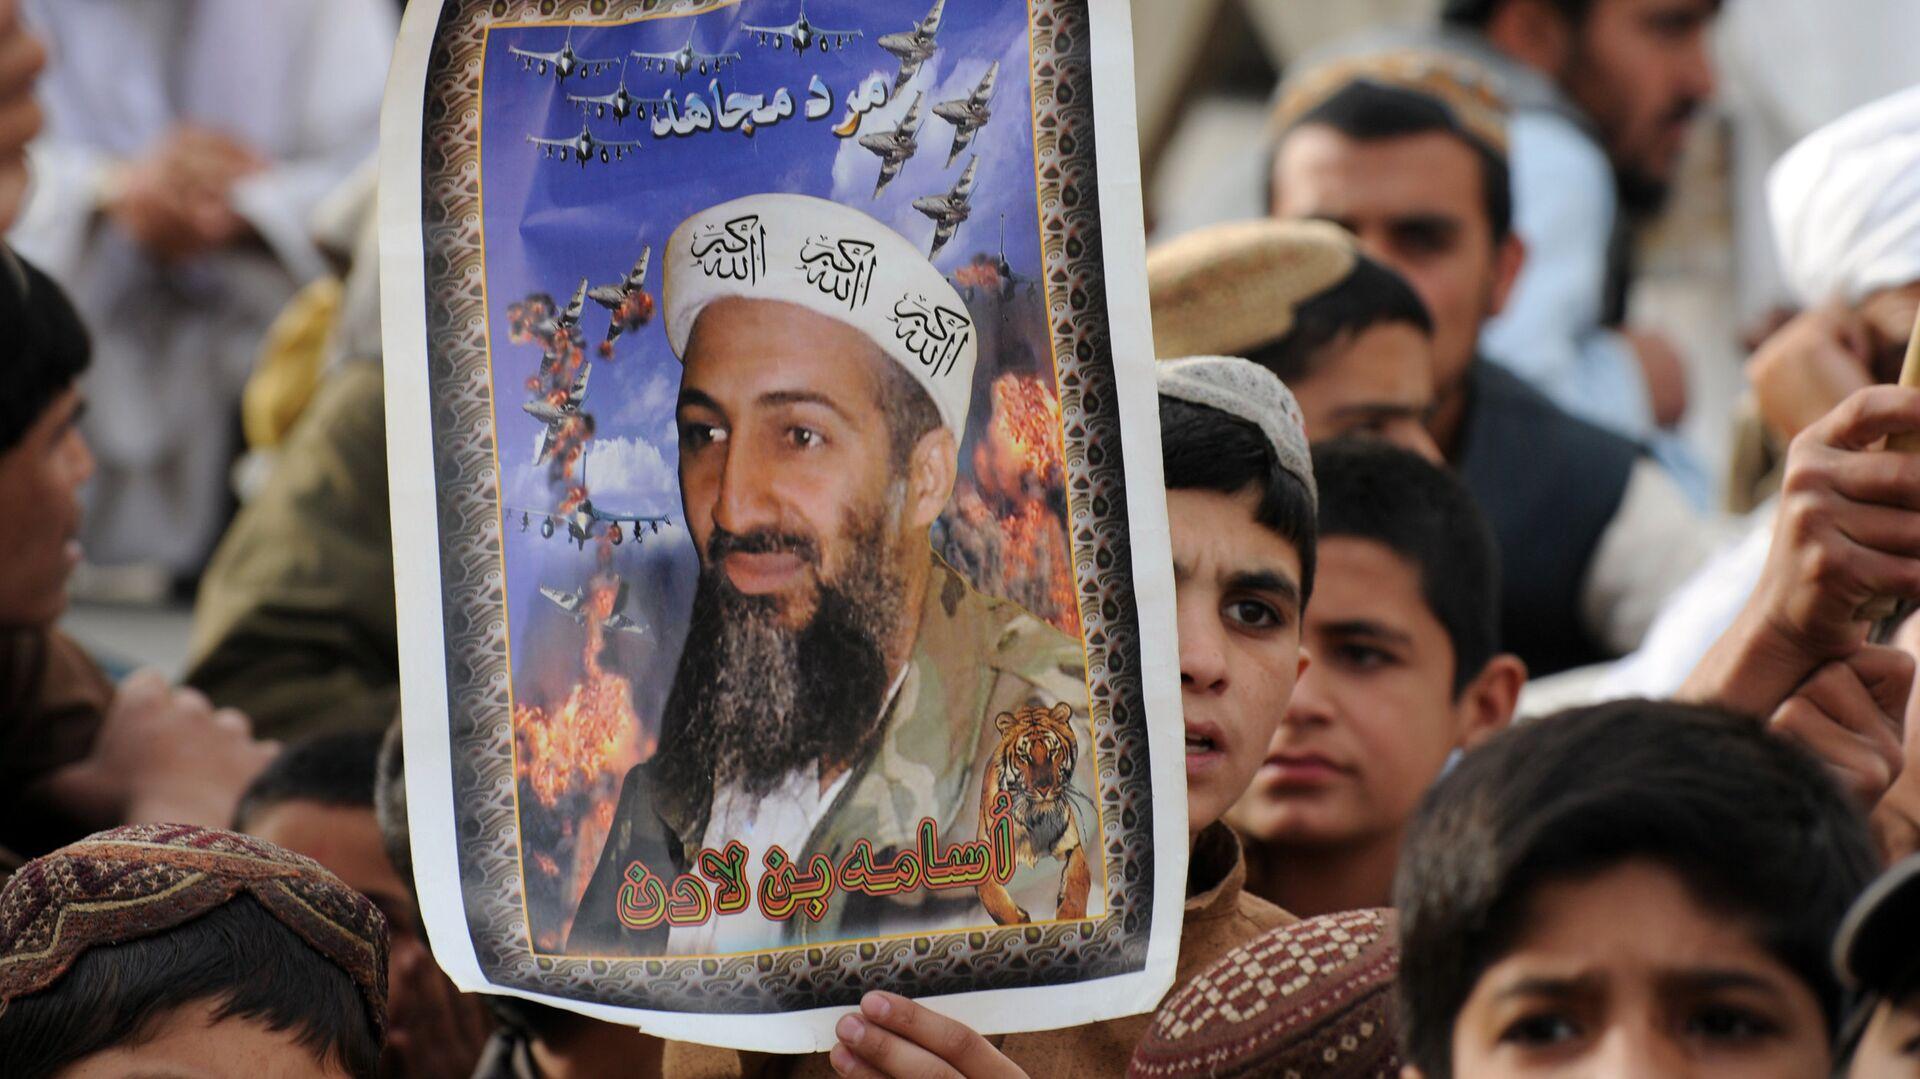 2 Mayıs 2012, Usame bin Ladin'in öldürülmesinin 1. yıldönümü, Pakistan, Keta, Taliban yanlısı parti JUI-N gösterisi - Sputnik Türkiye, 1920, 31.08.2021